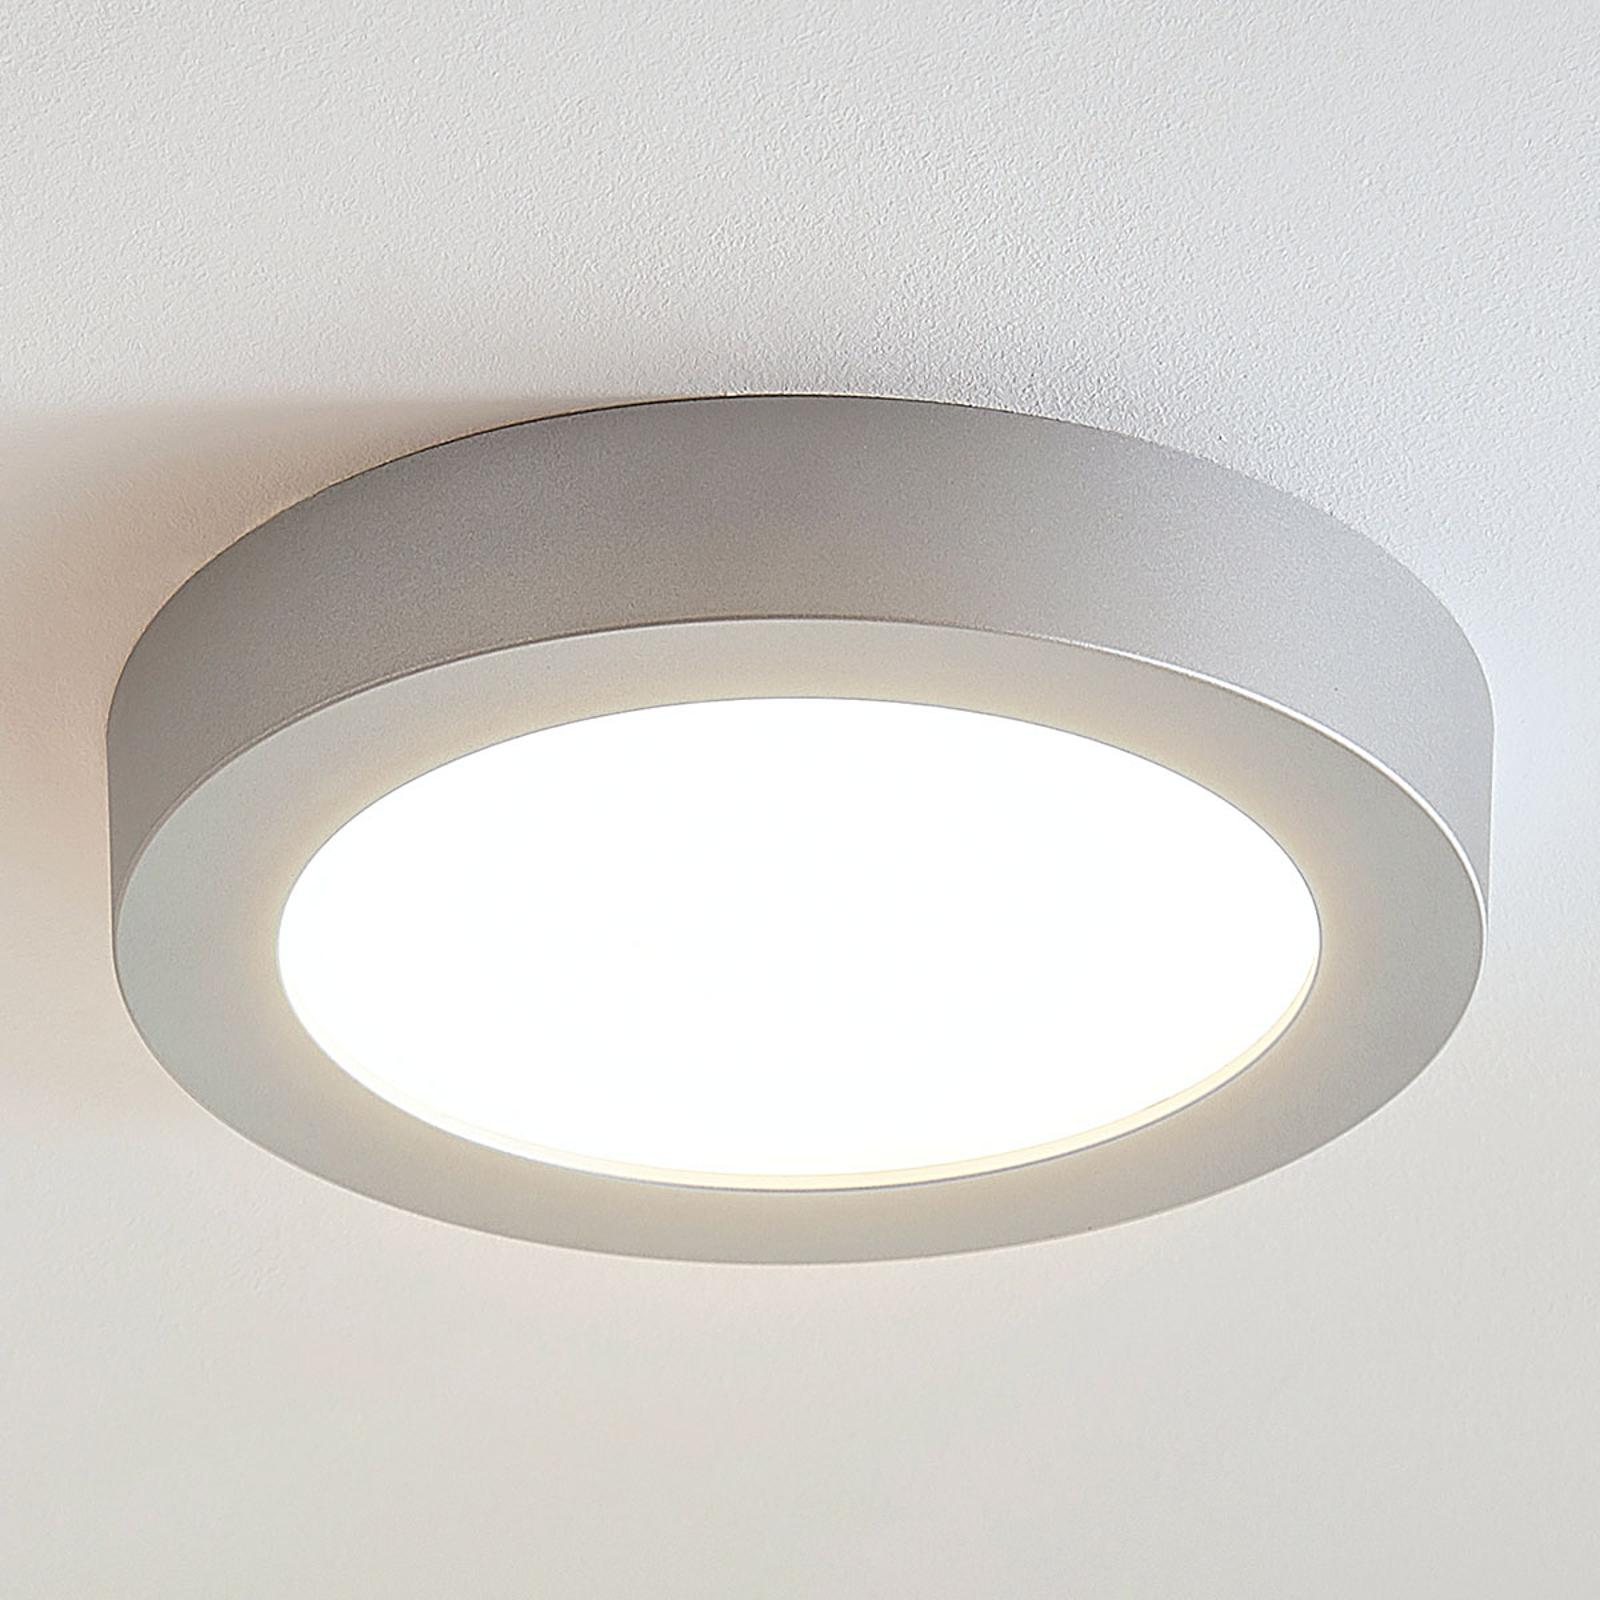 LED stropní svítidlo Marlo stříbrné kulaté 25,2cm